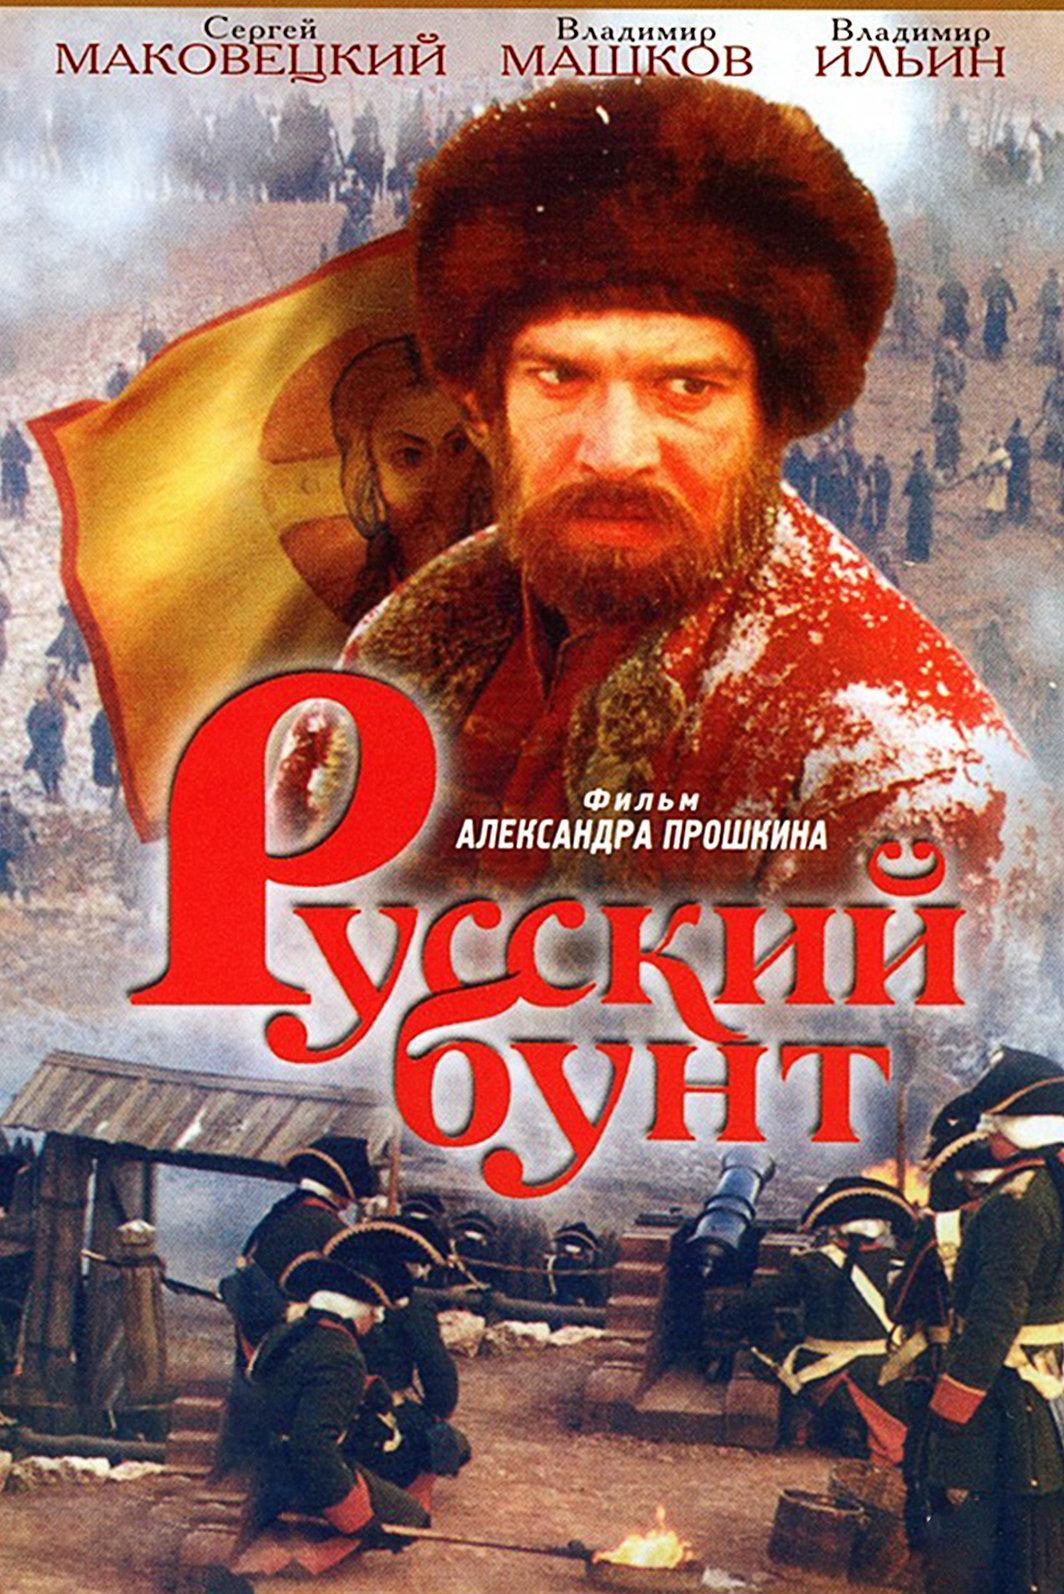 Постер к фильму Русский бунт